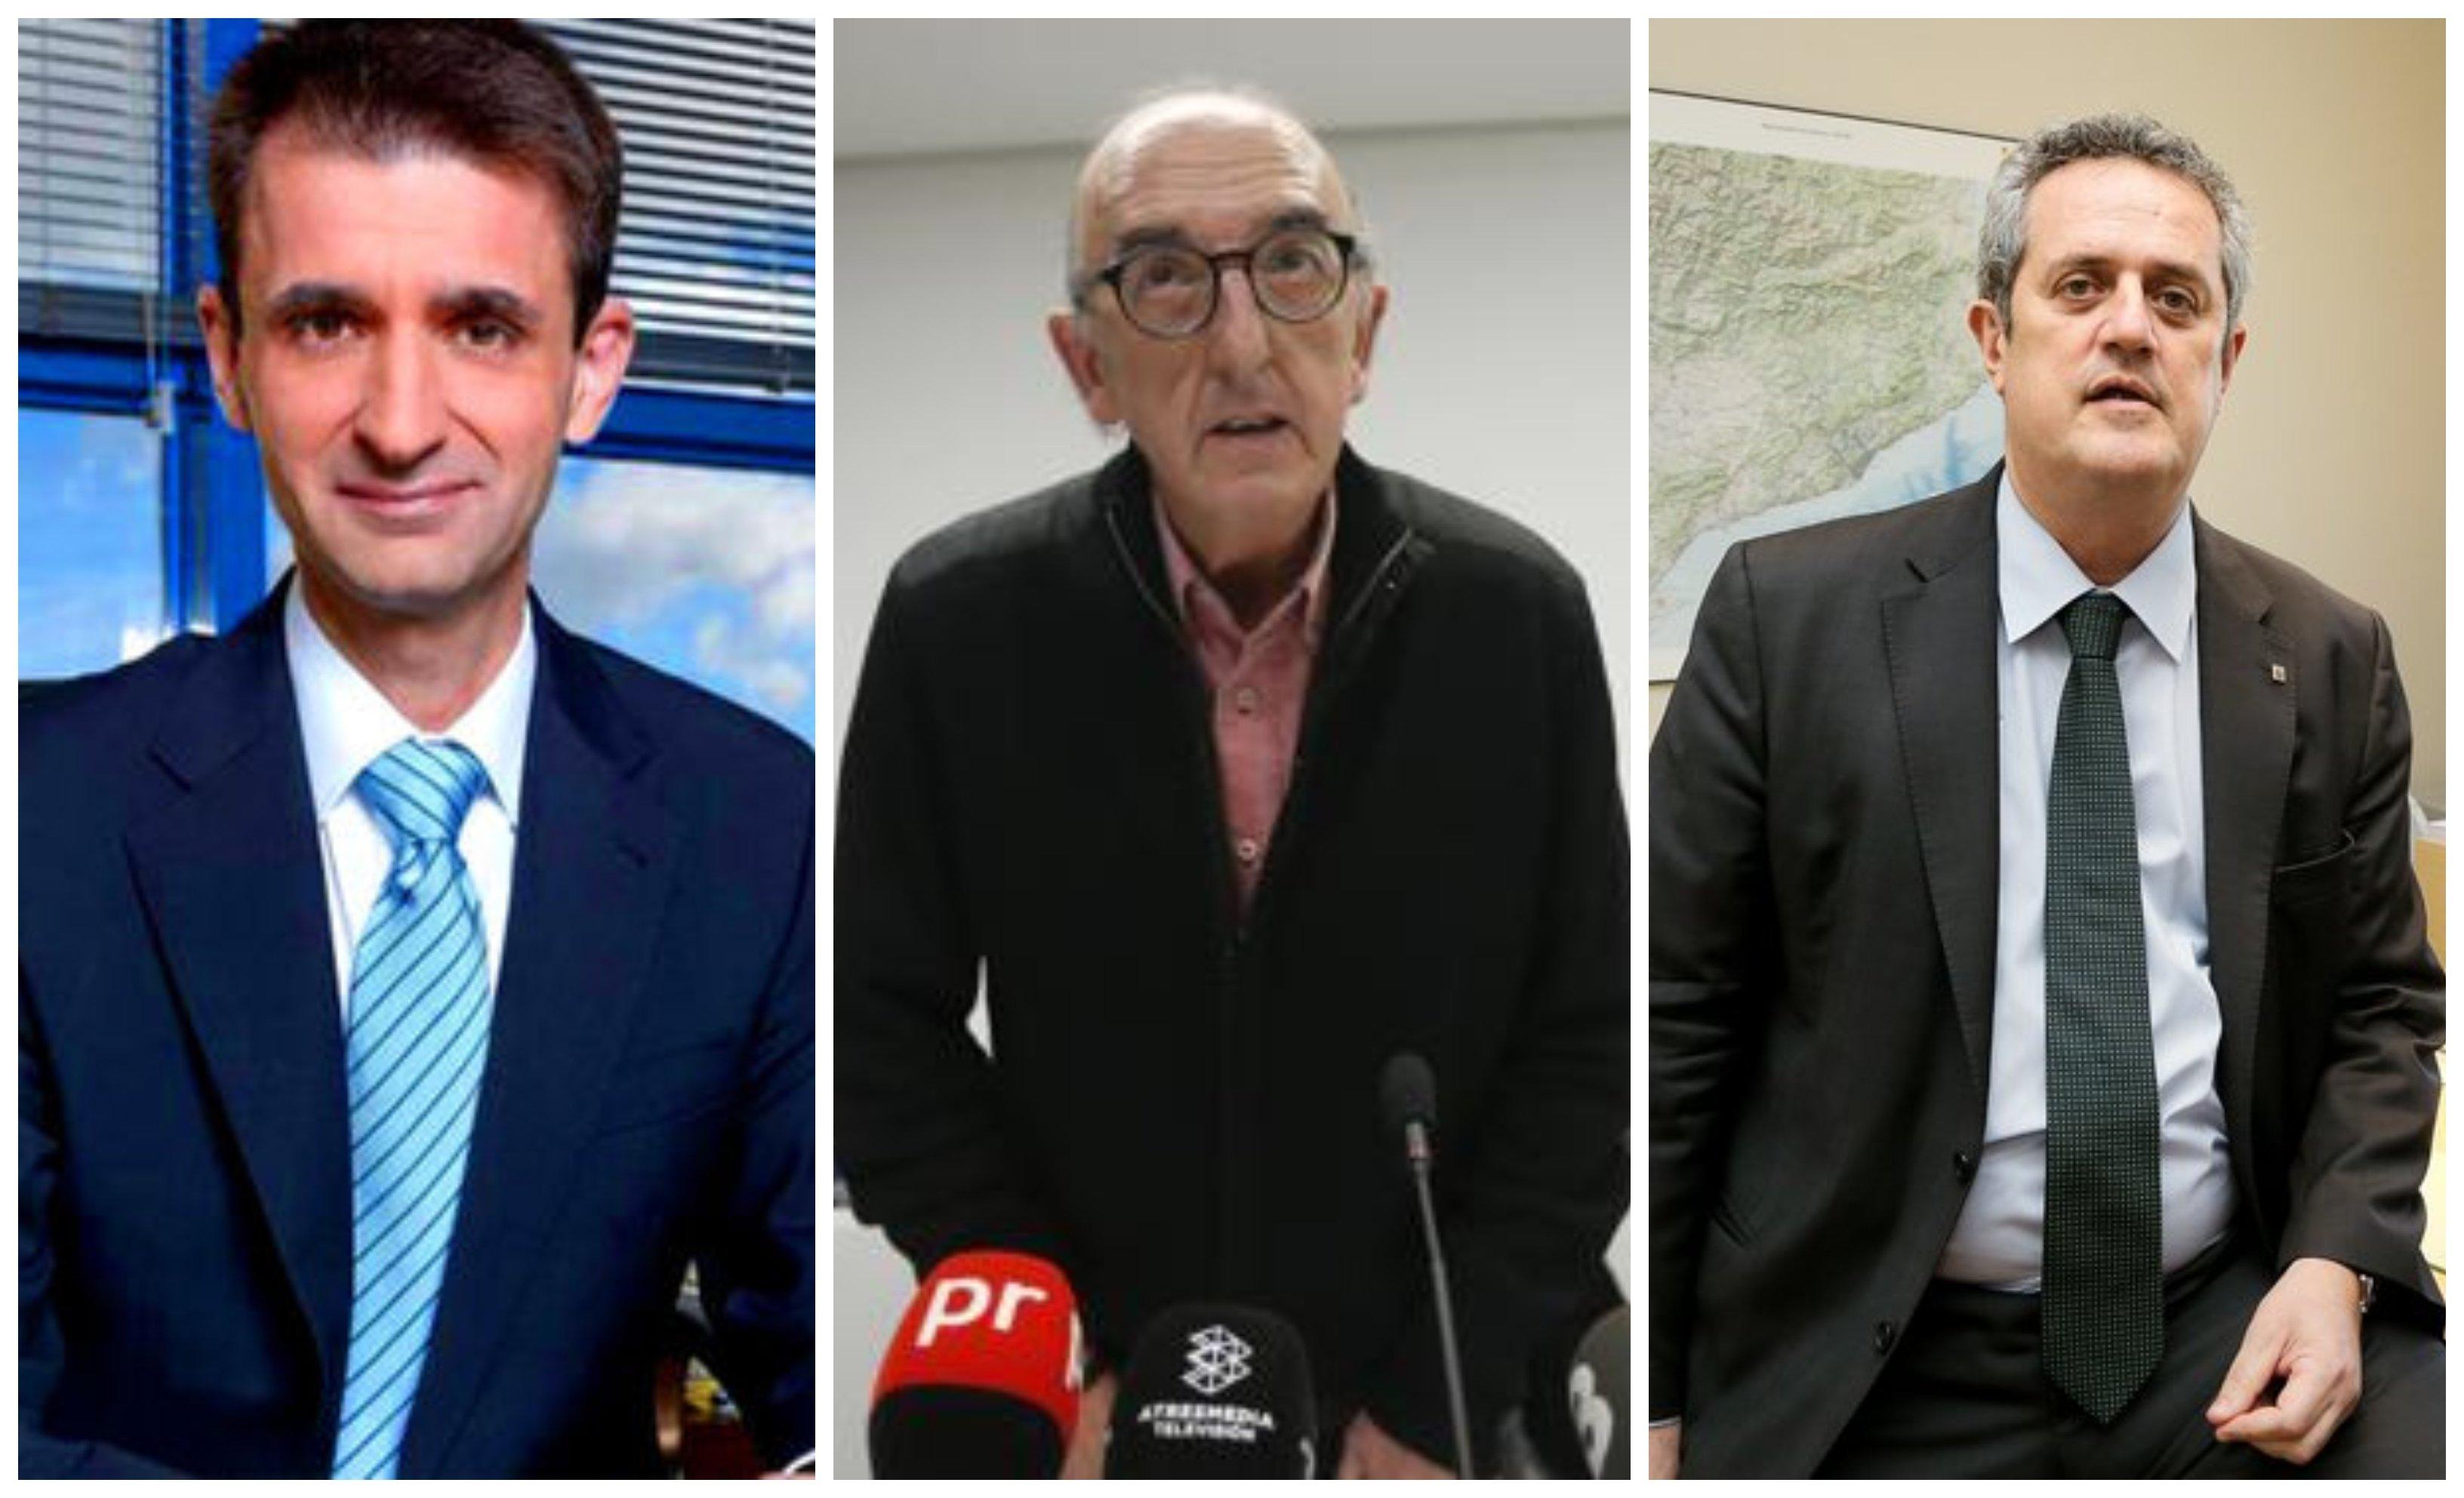 Telemadrid. Detrás del director López, pegado al sillón de mando, está Jaume Roures. Mientras, Mediapro 'ficha' a Joaquim Forn, condenado por el Tribunal Supremo